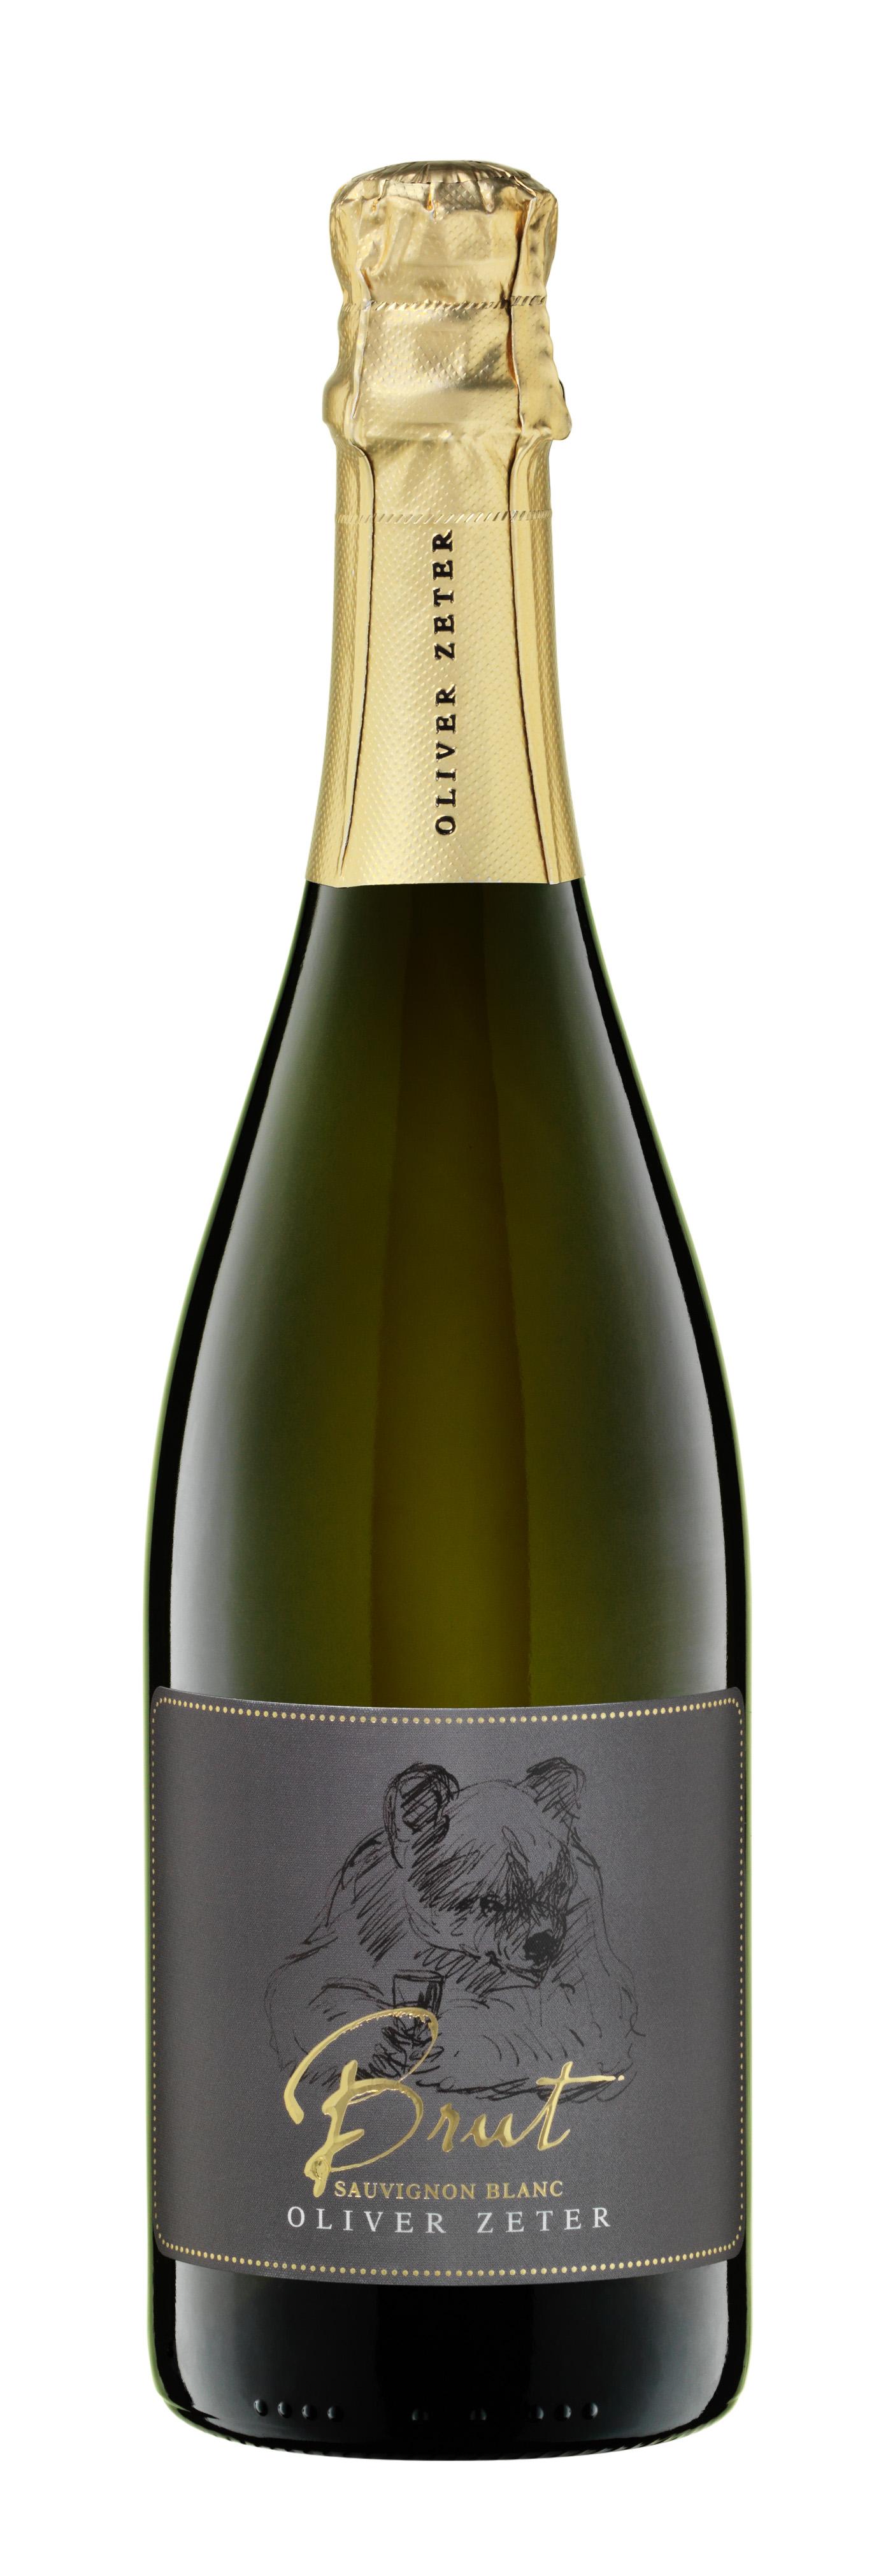 Oliver Zeter Sauvignon Blanc Brut